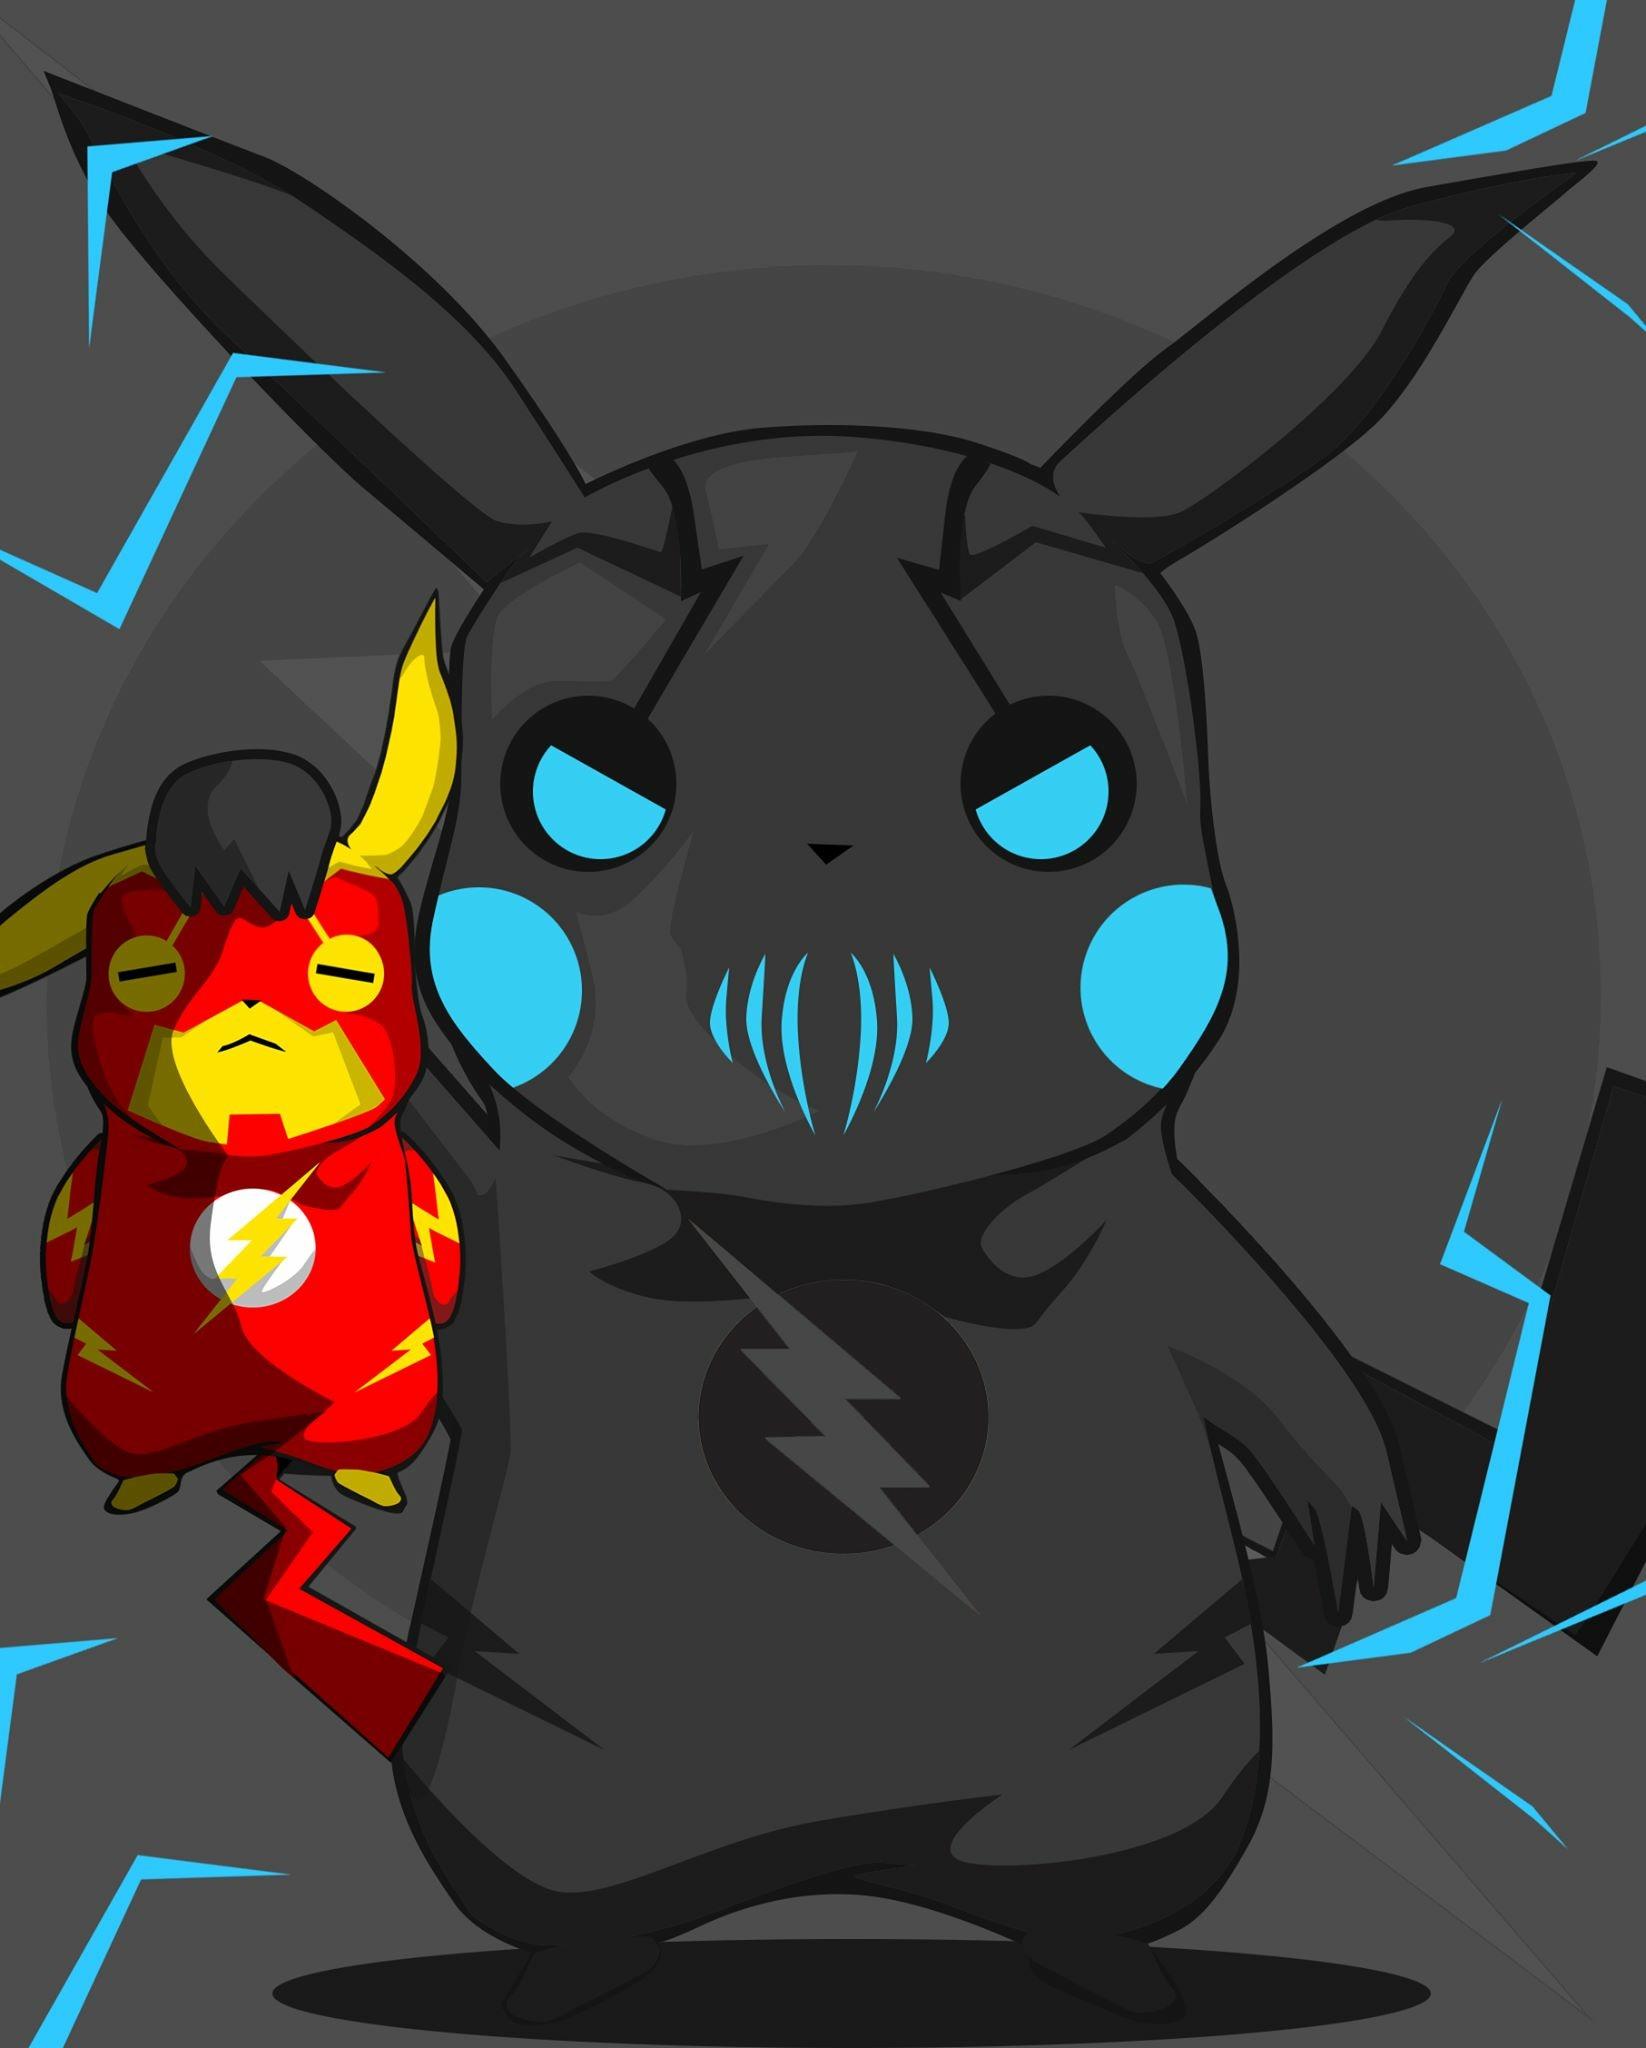 Drawn pikachu flash : FlashTV Flash Flash Crossover